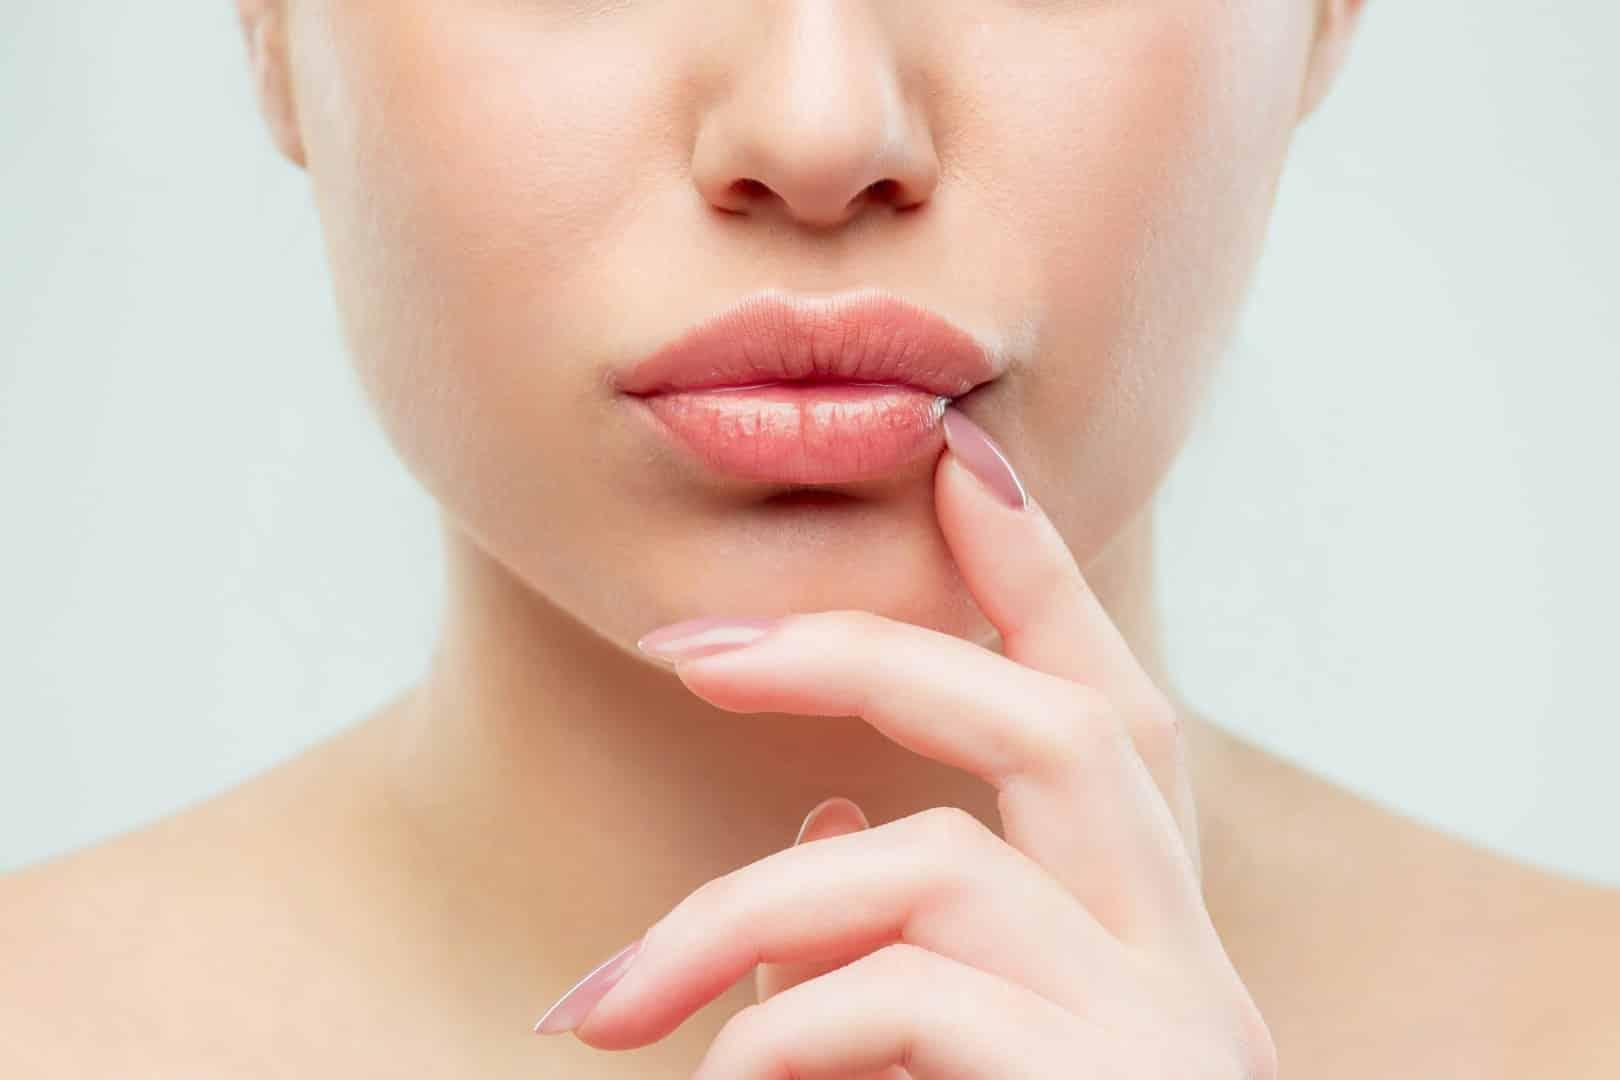 Контурная пластика губ гиалуроновой кислотой имеет